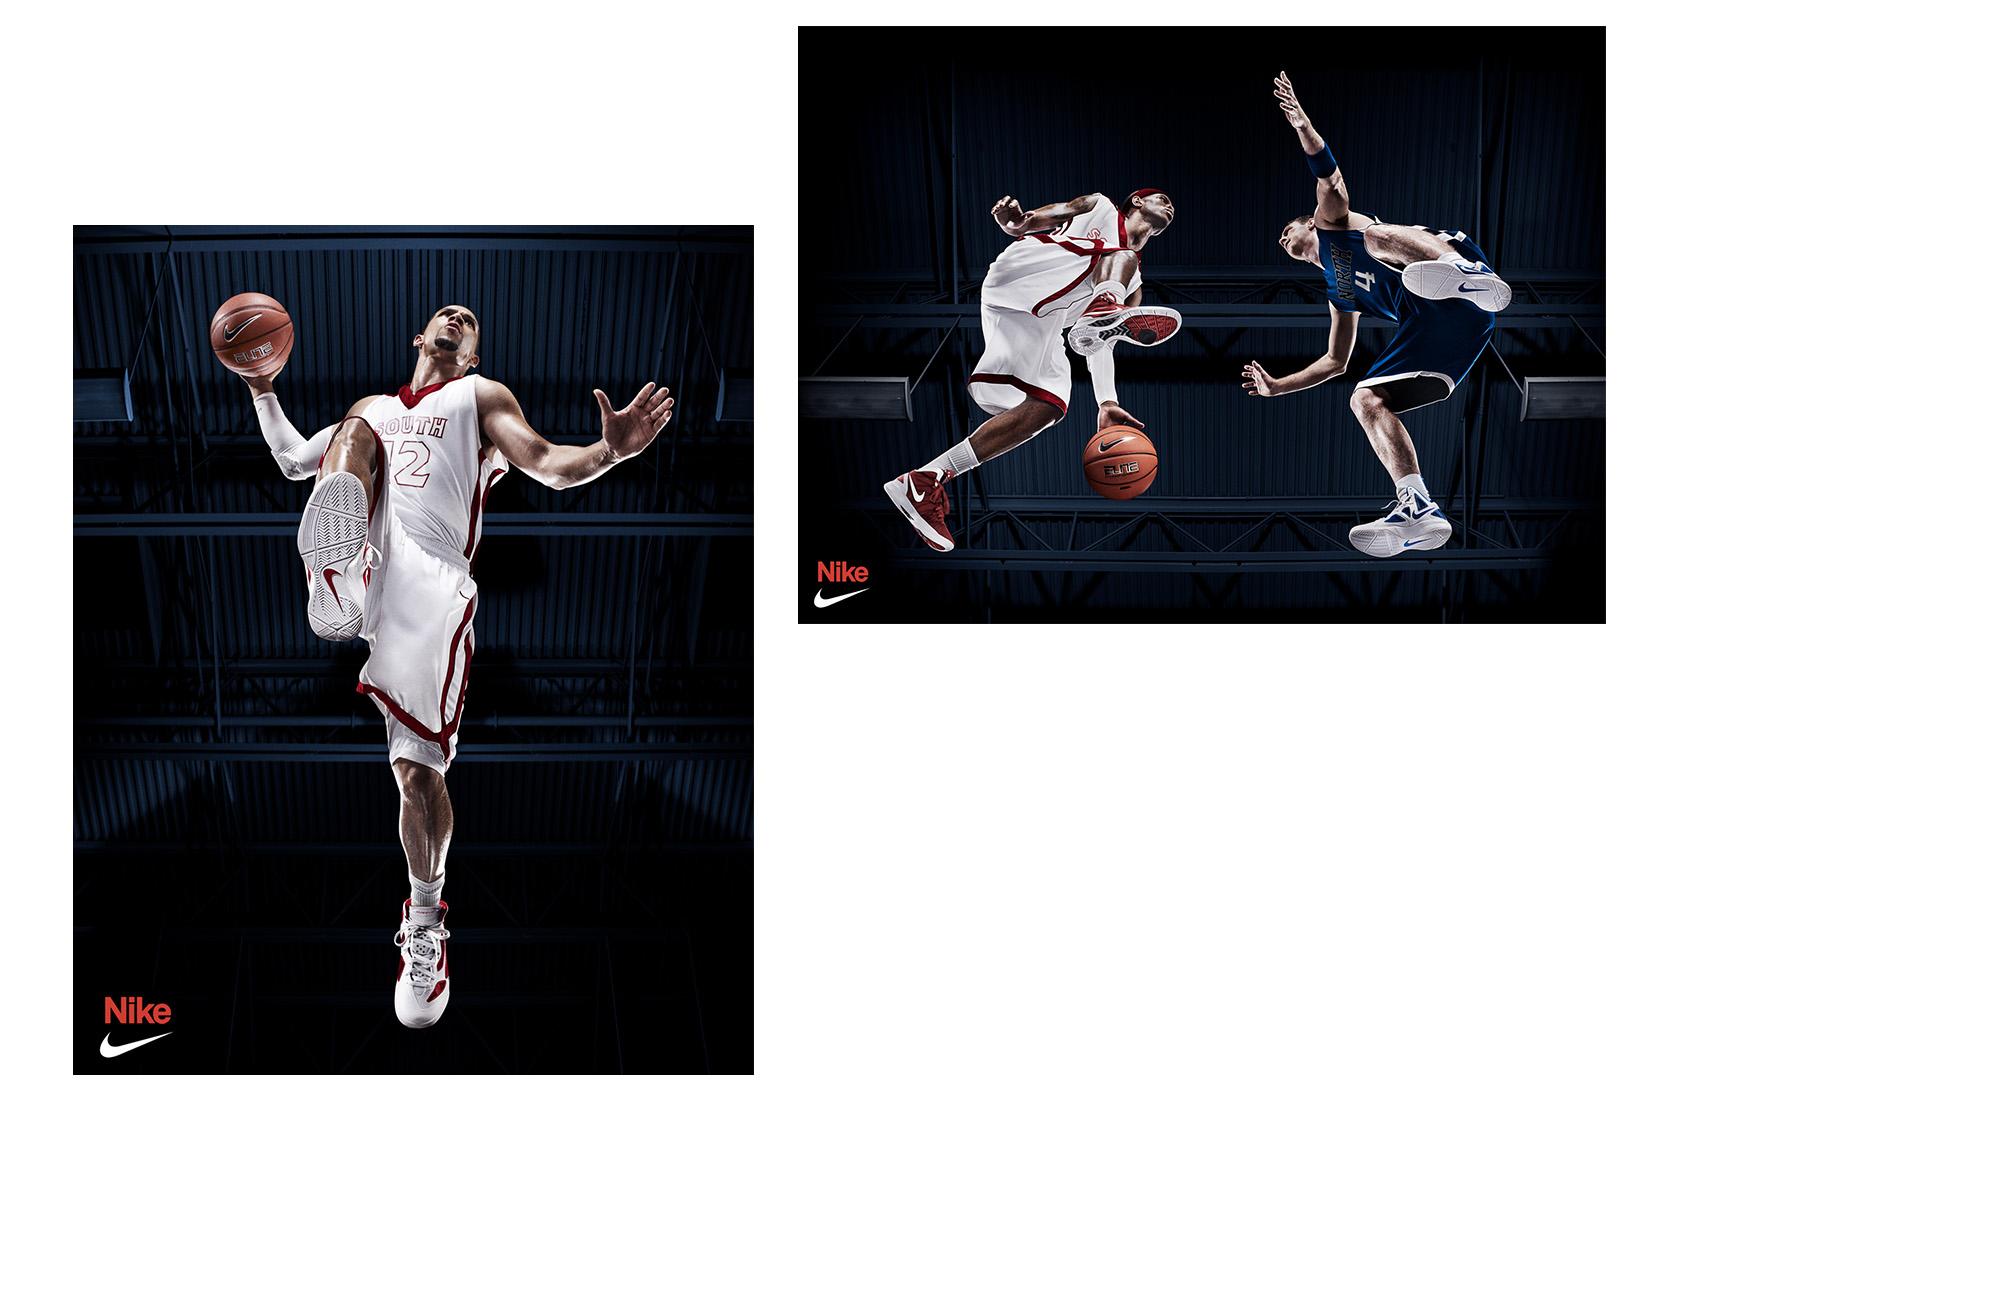 Nike Hoops - 2 of 4